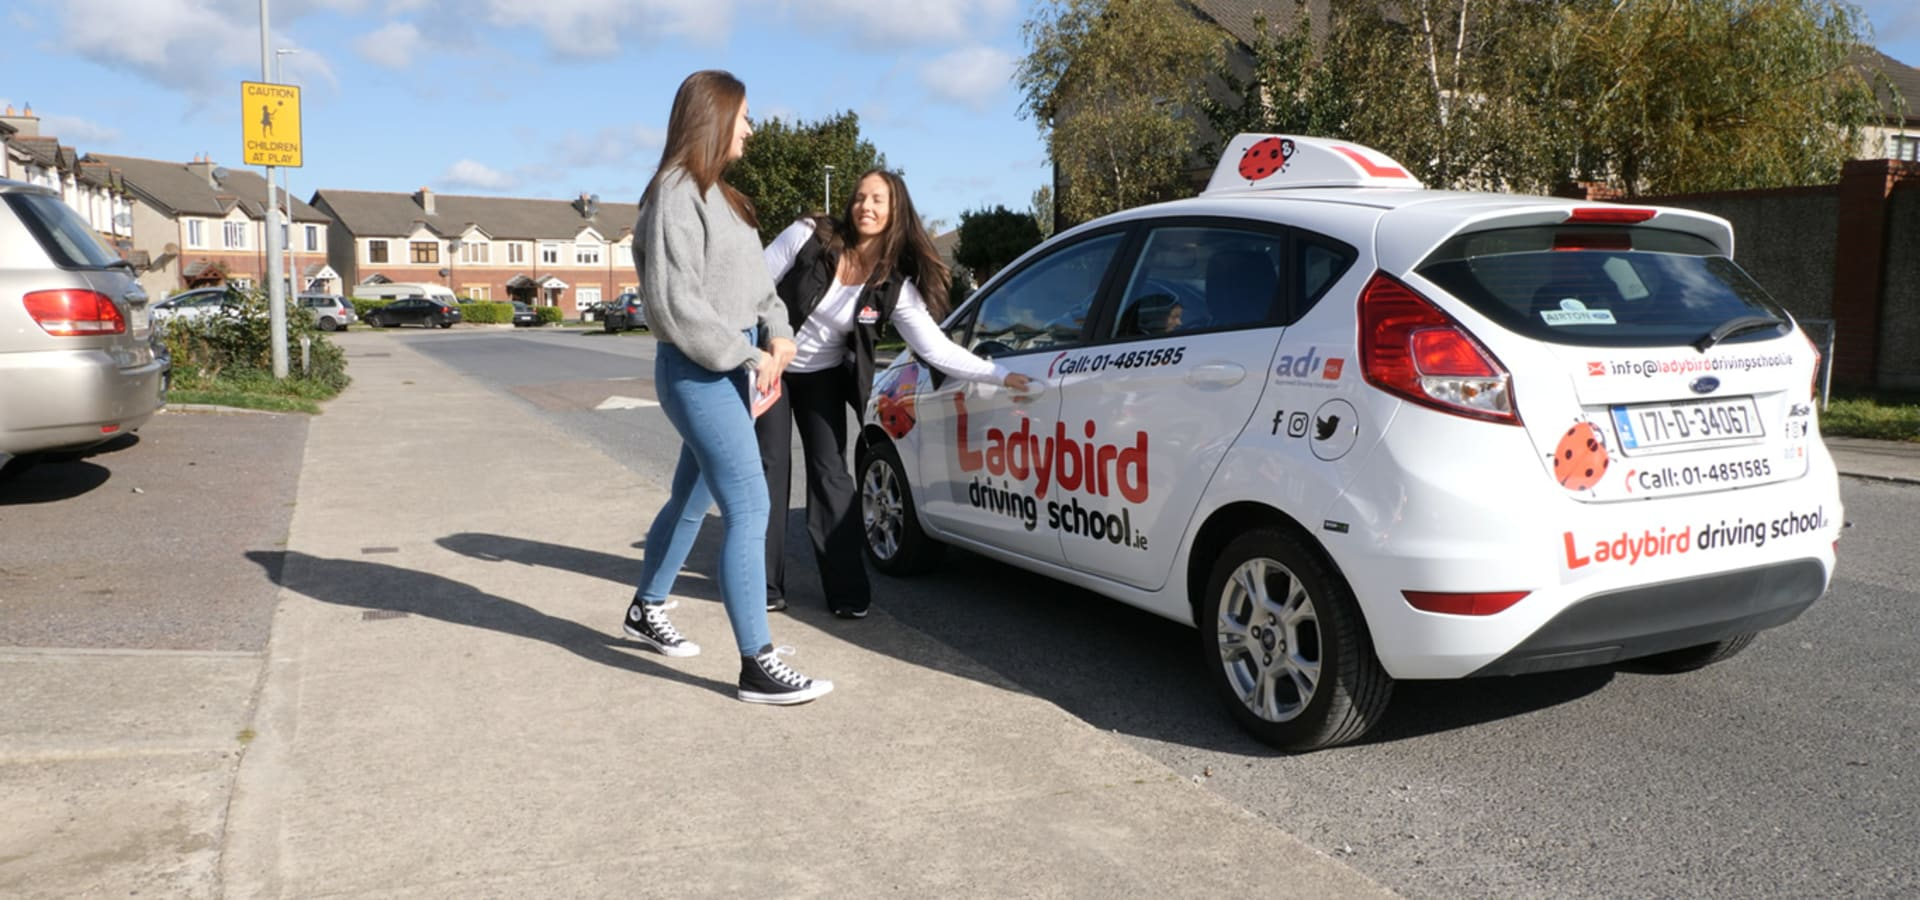 Ladybird Driving School Dublin